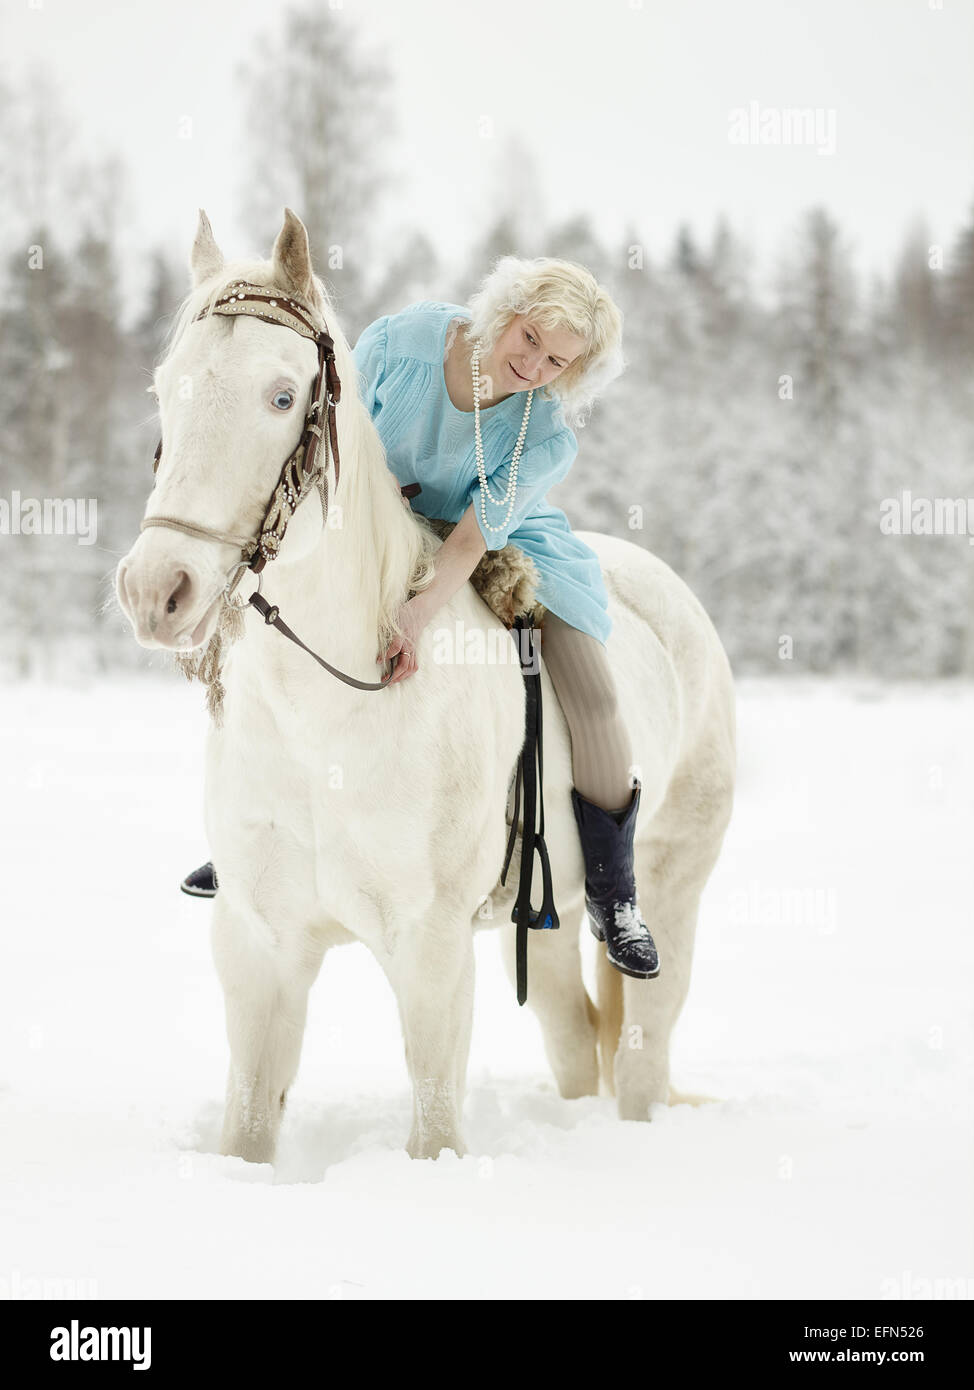 Donna attraente indossando abiti blu e lei in sella ad un cavallo bianco Immagini Stock